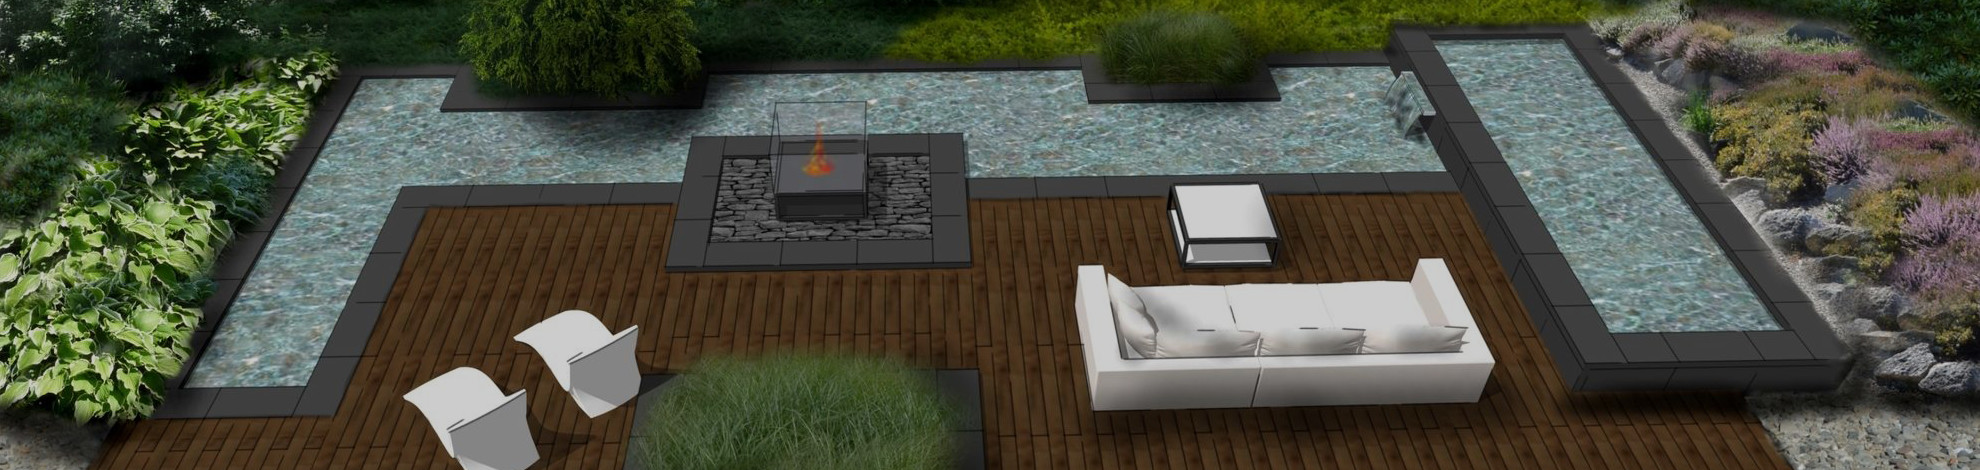 wizualizacja projektu nowoczesnego oczka wodnego w ogrodzie